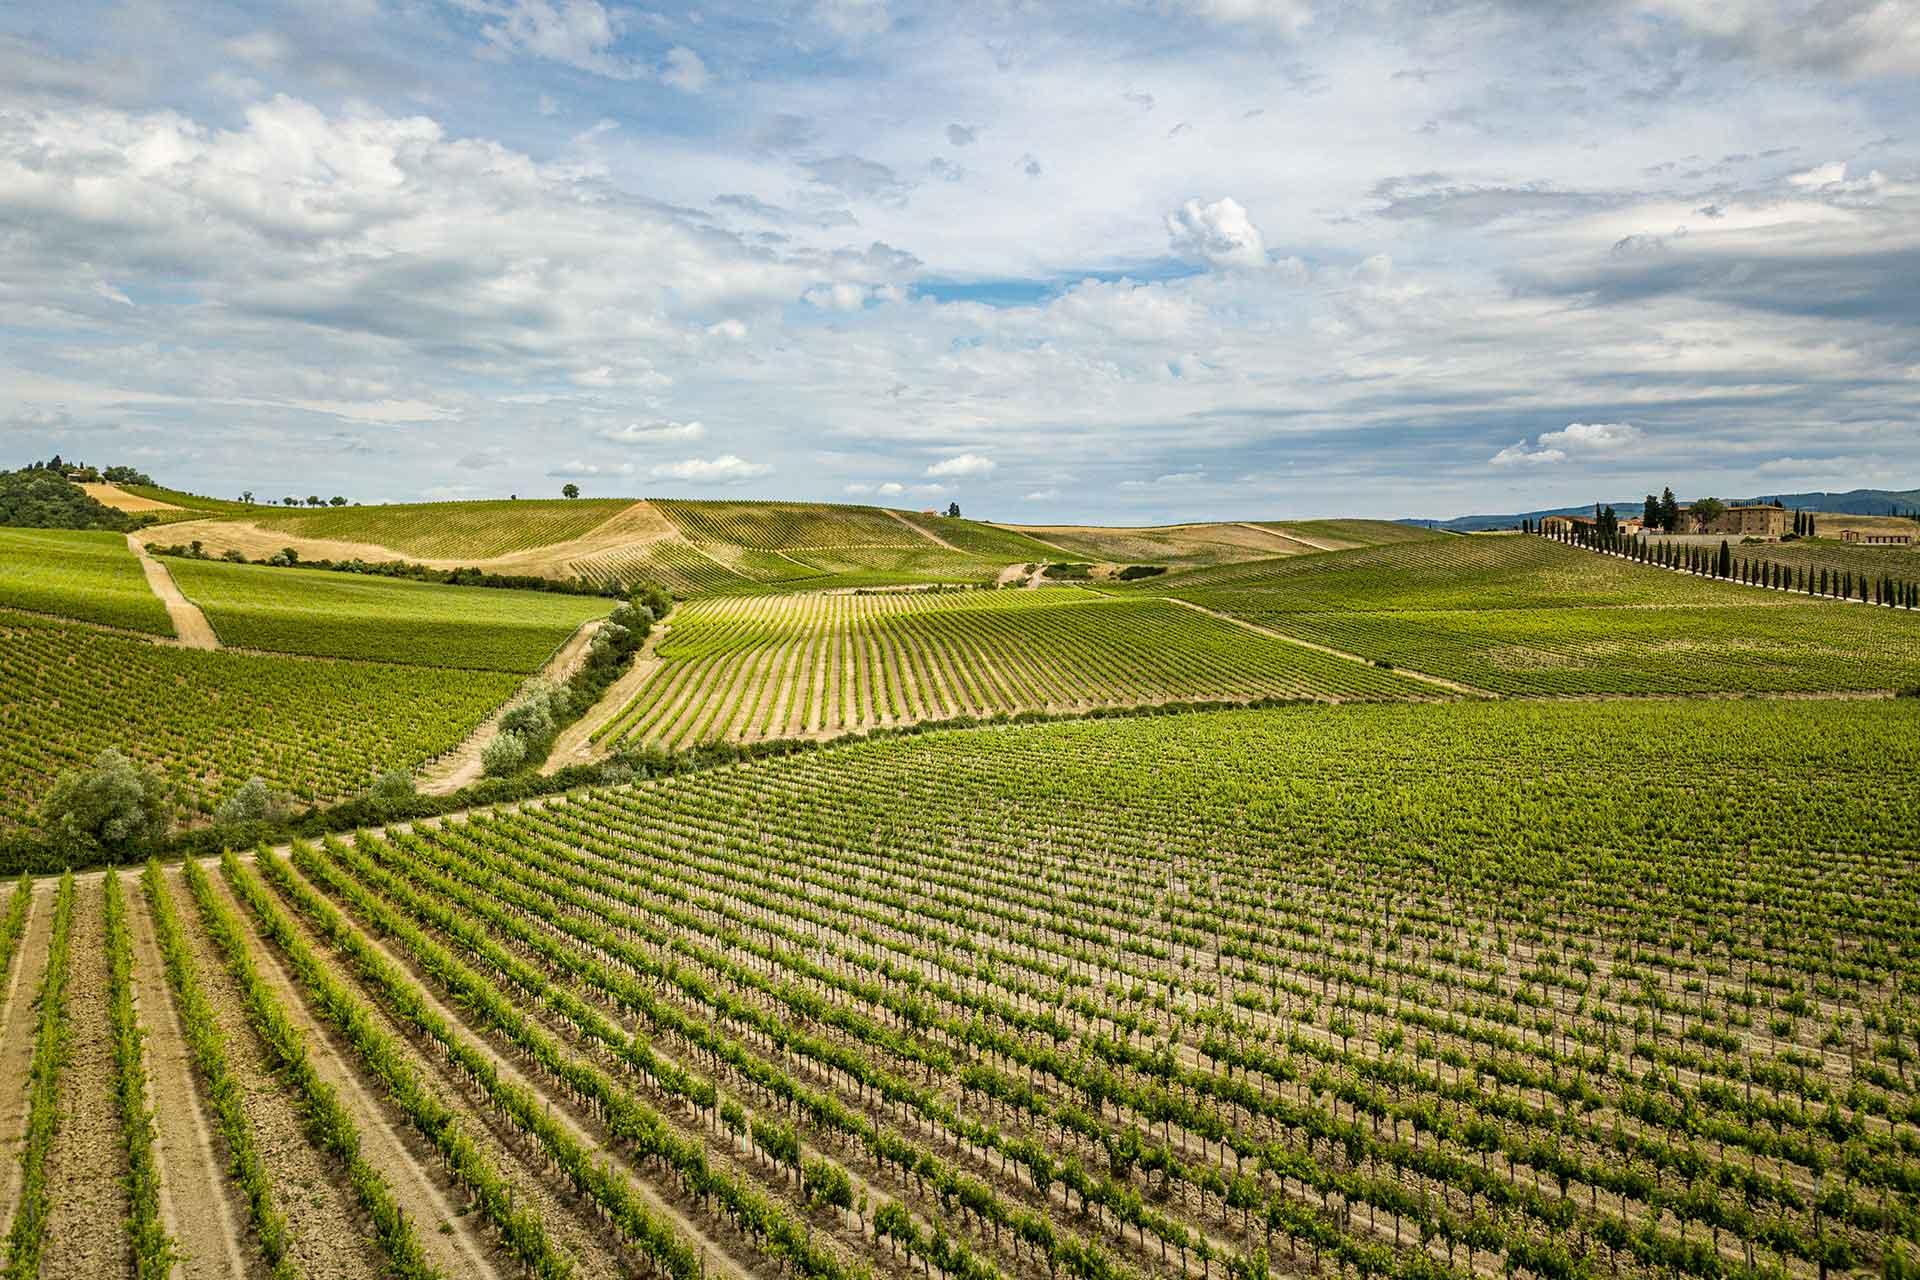 Psr Toscana. Proroga al 25 giugno 2021 per le domande aiuto e pagamento